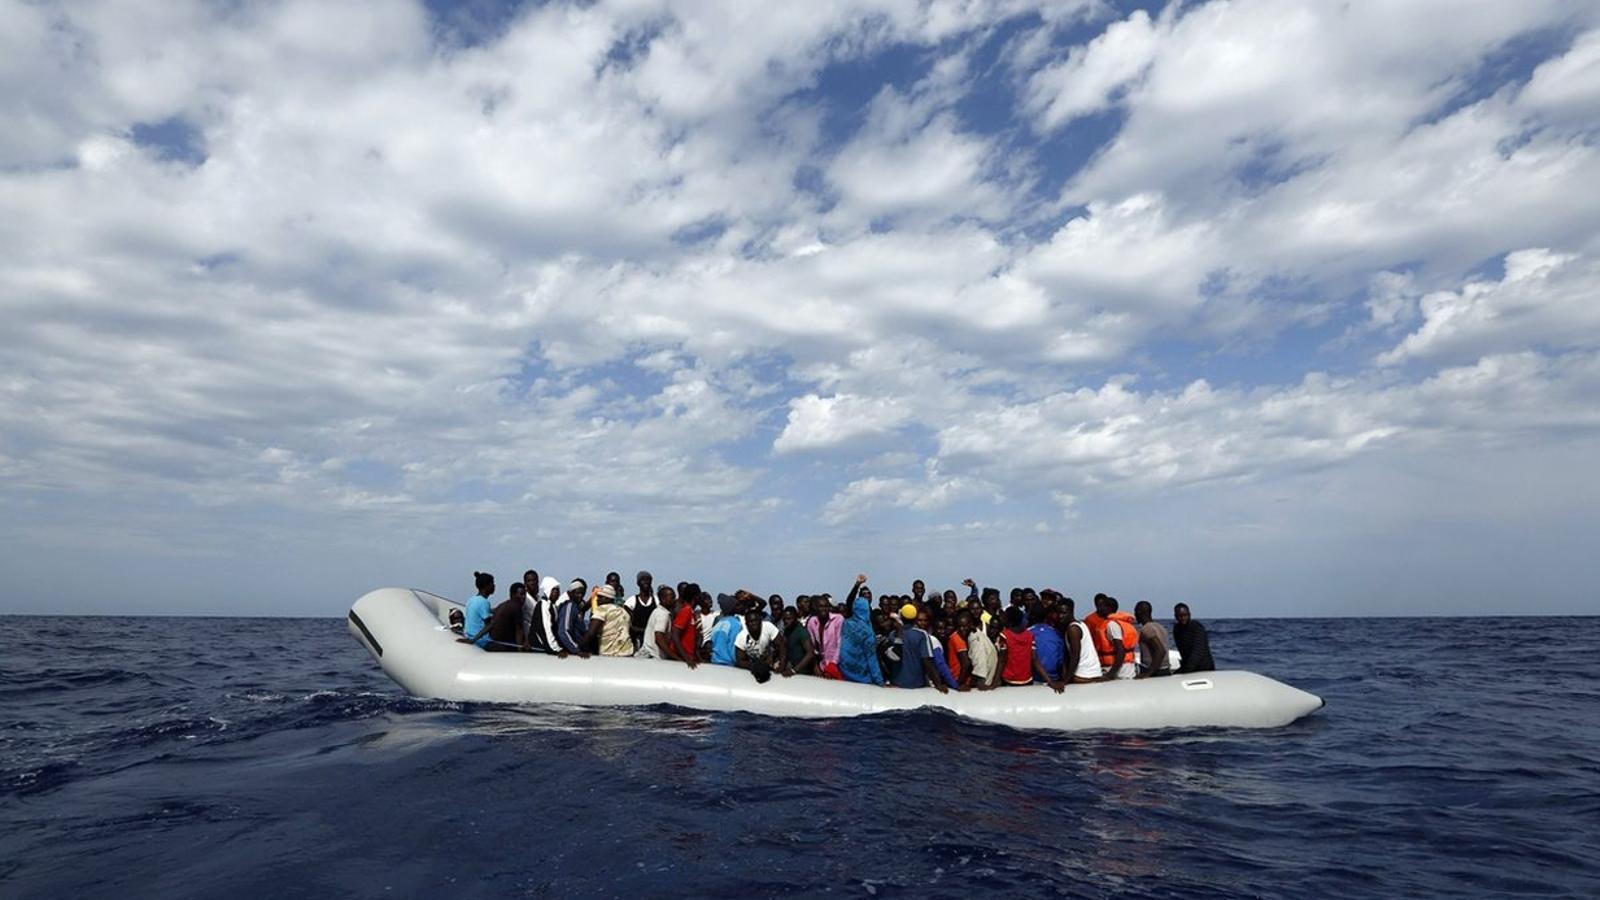 DAVANT LA COSTA DE LÍBIA   Una pastera amb 104 persones abans de ser rescatada per l'ONG Moas.